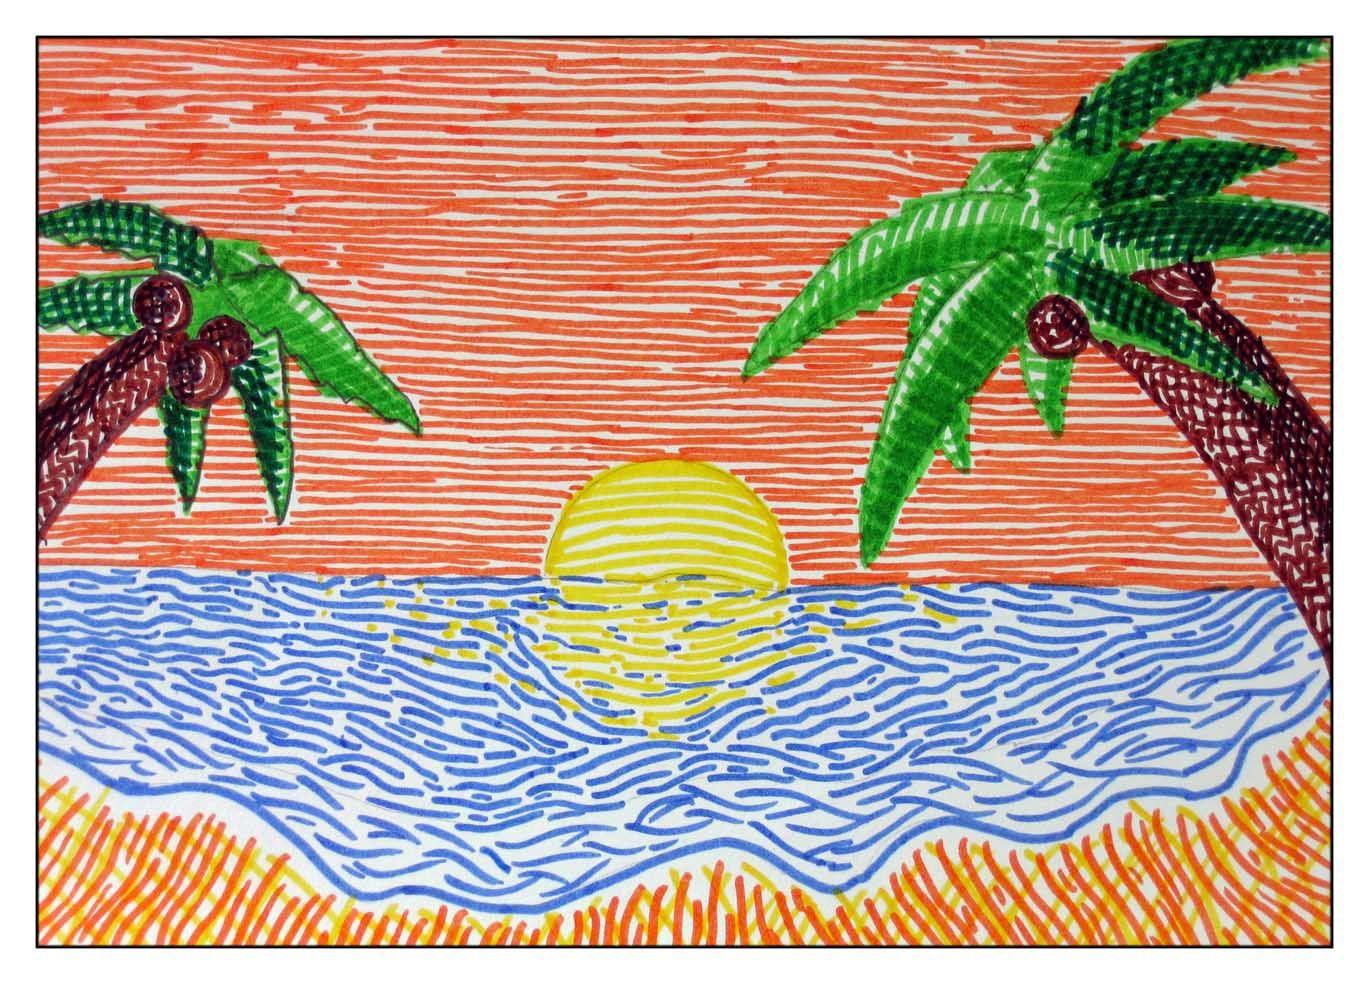 Ejercicios Sobre La Línea Imagenesola Imagen Y La Educacion Plastica Y Visual En La Educacón Secundaria Trabajos De Arte Dibujo Con Lineas Proyectos De Arte